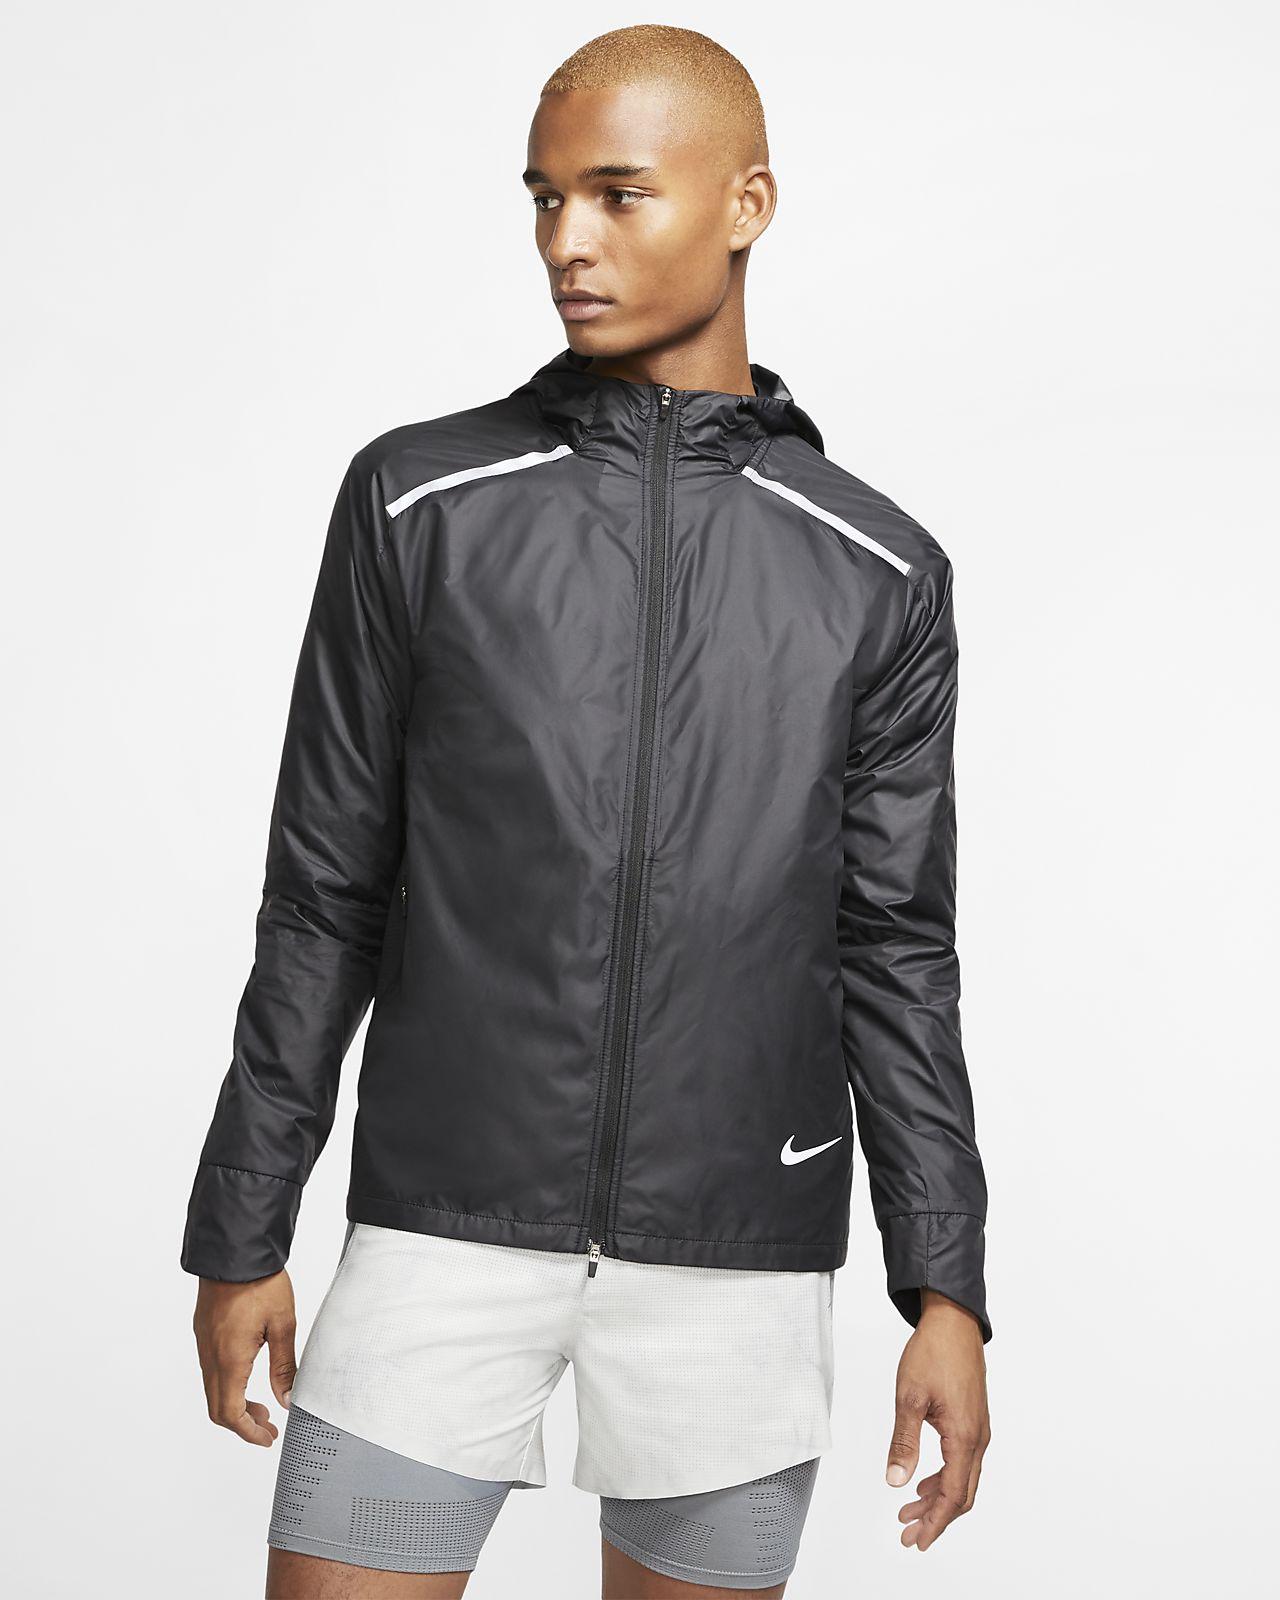 Pánská běžecká bunda Nike Repel s kapucí